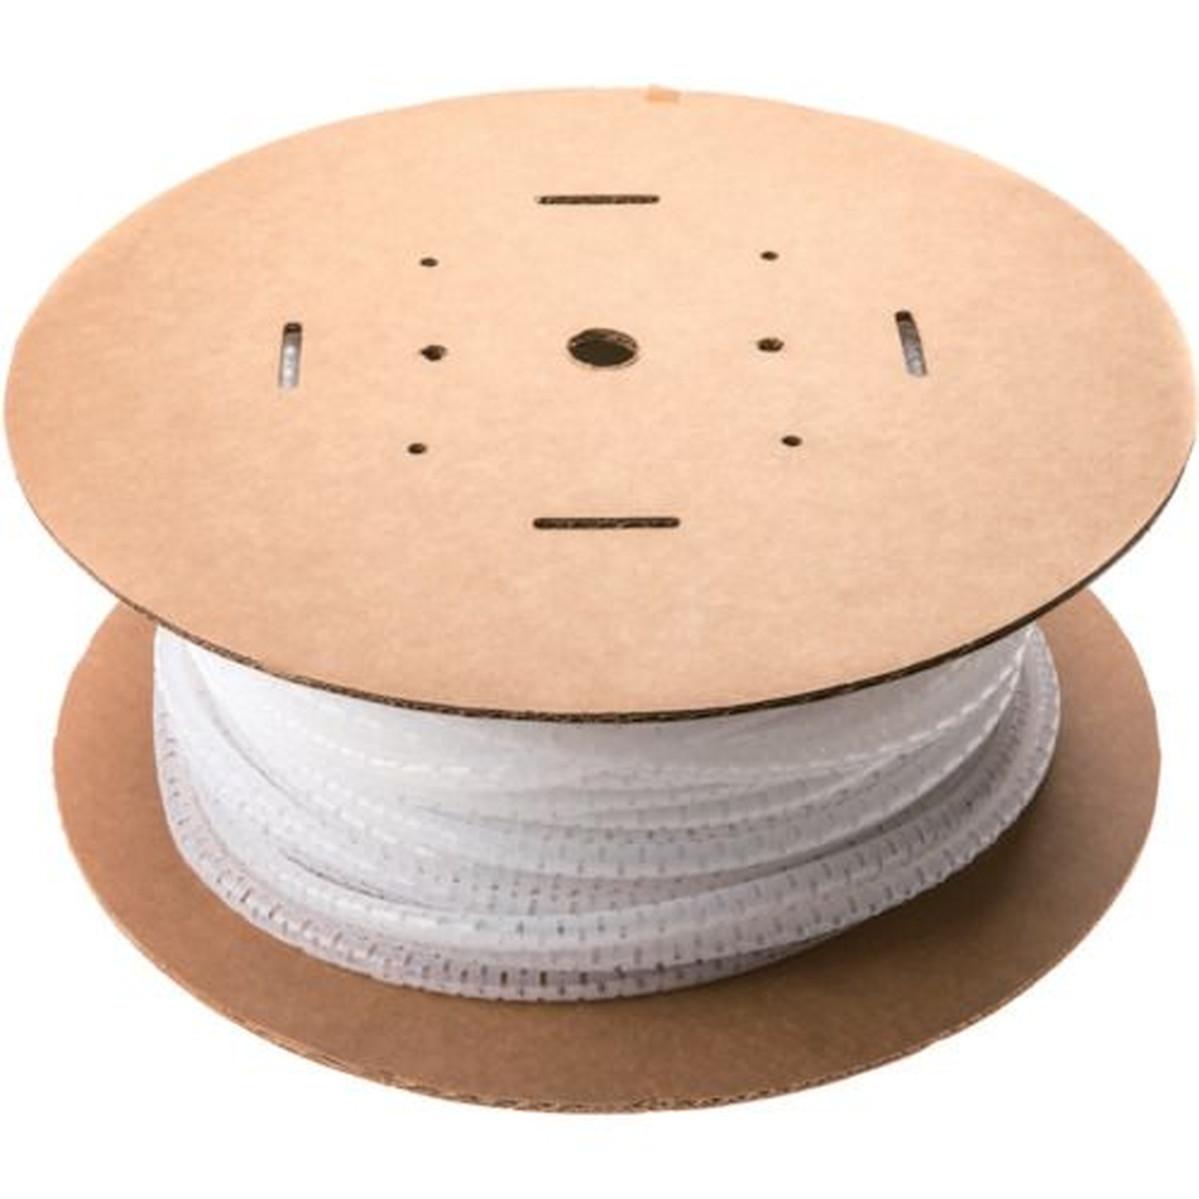 パンラップ パンドウイット 電線保護チューブ 束線径28.6Φmm PW150F-L 15m巻き 1巻 スリット型スパイラル ナチュラル